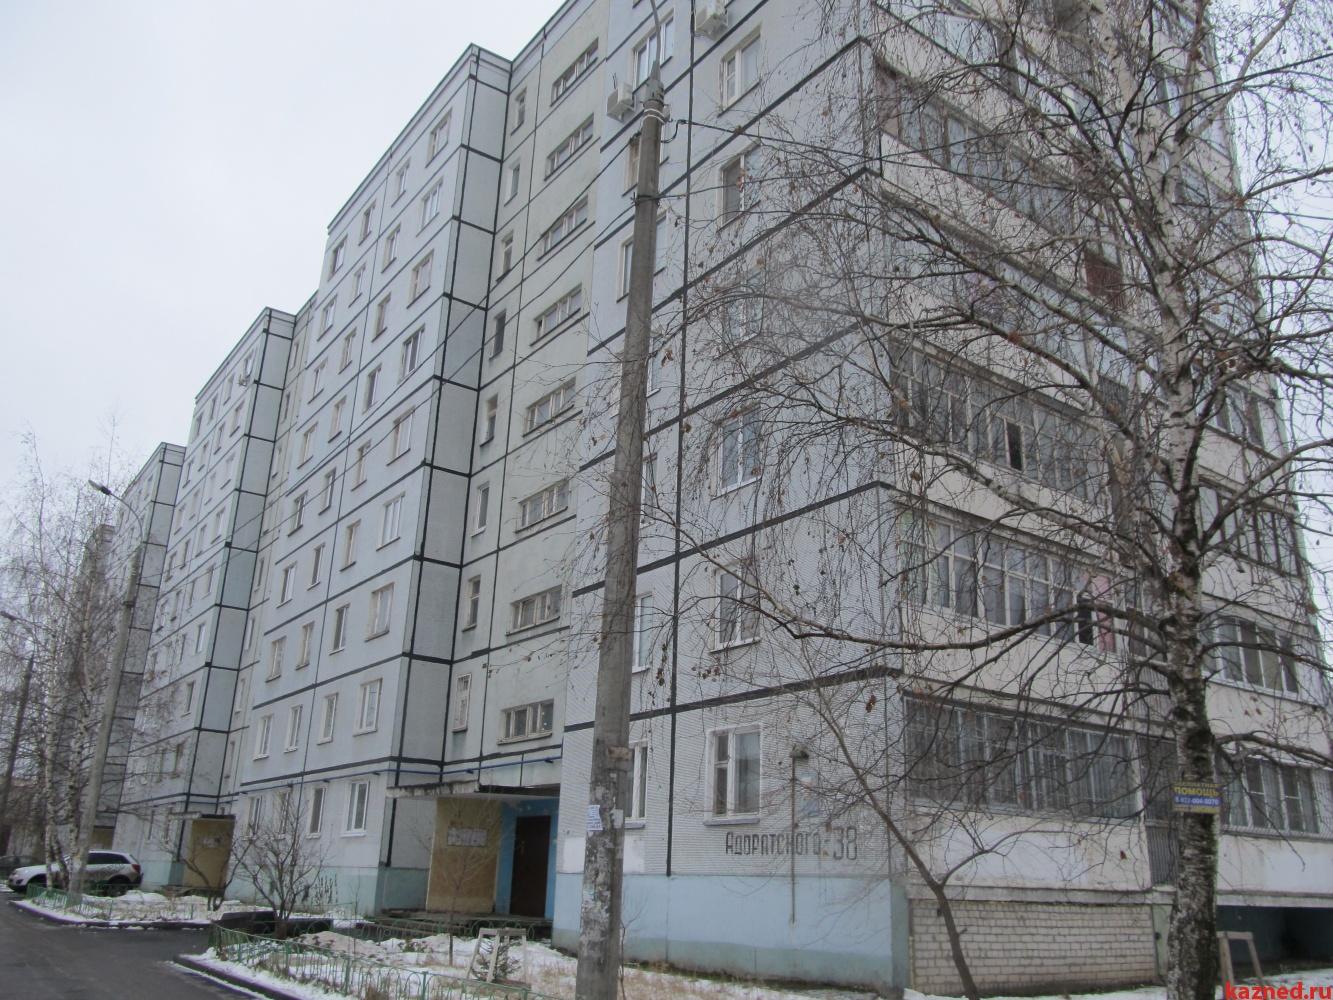 Продажа 3-к квартиры Адоратского, 38, 67 м²  (миниатюра №2)